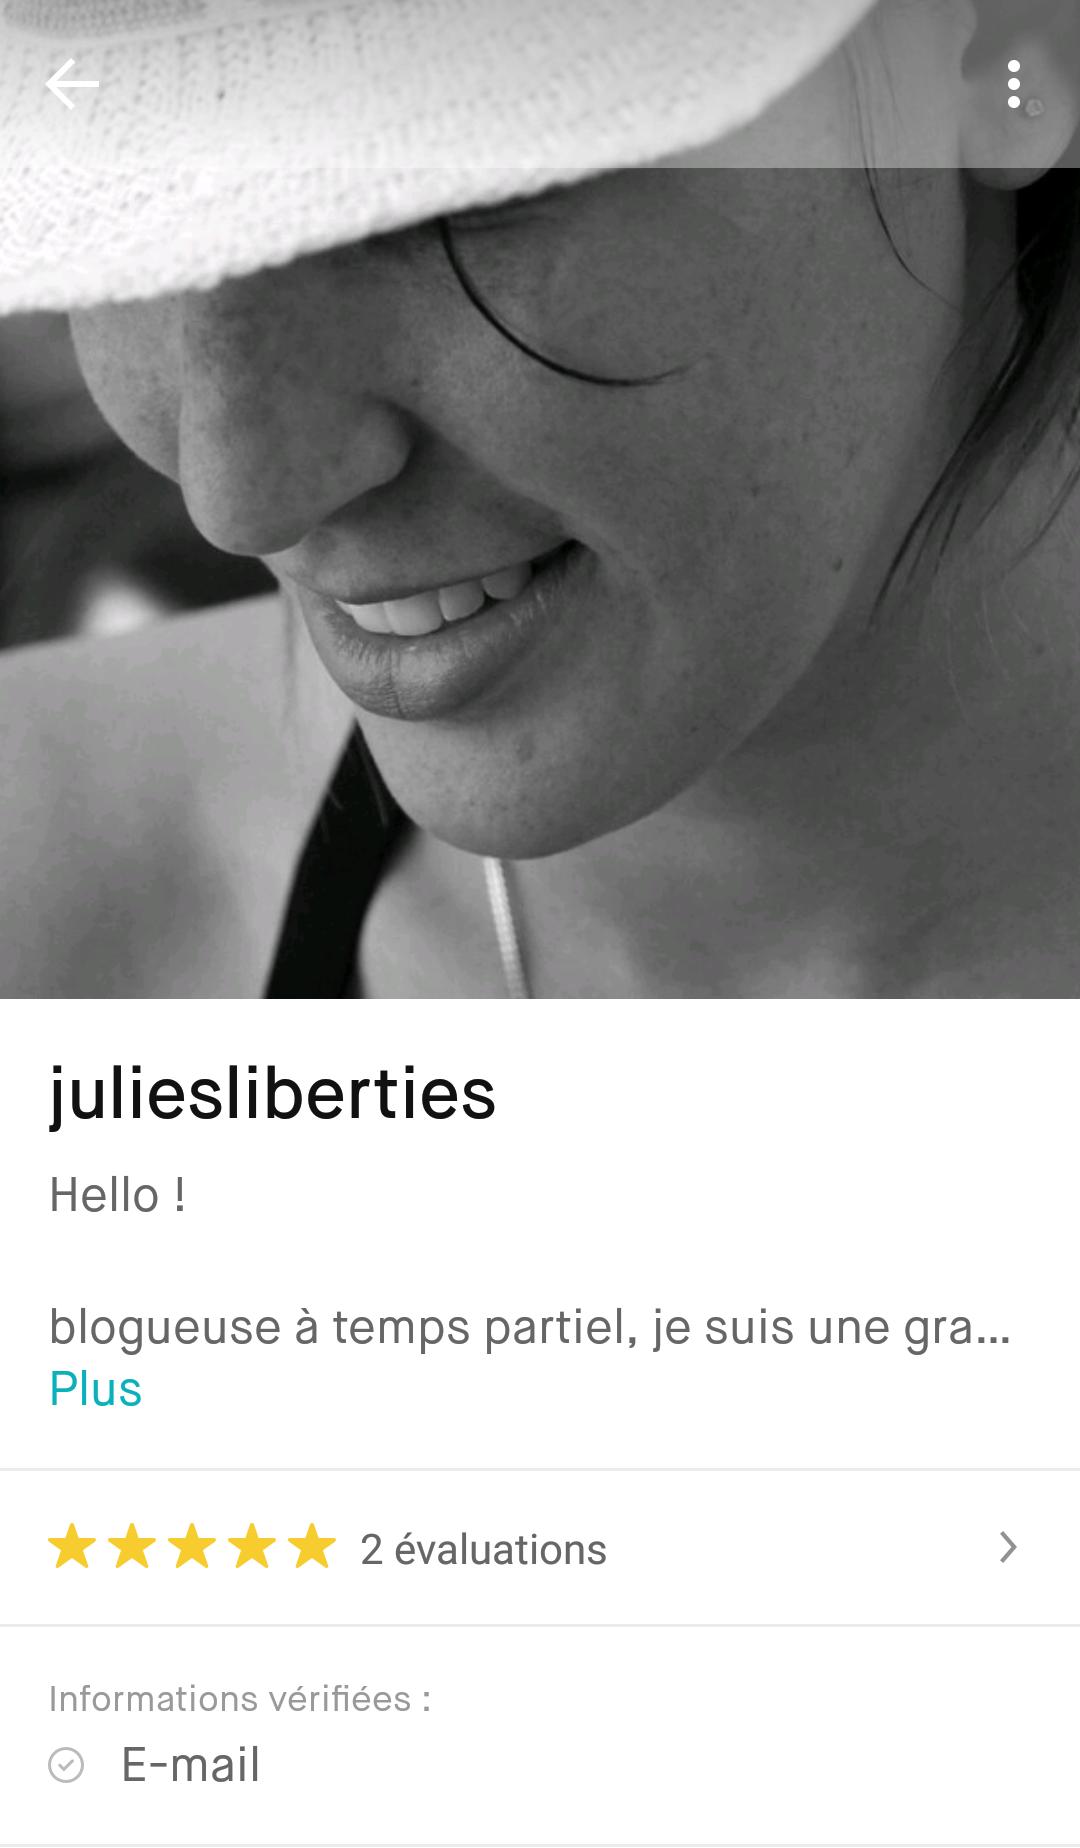 evaluation profil Vinted - juliesliberties